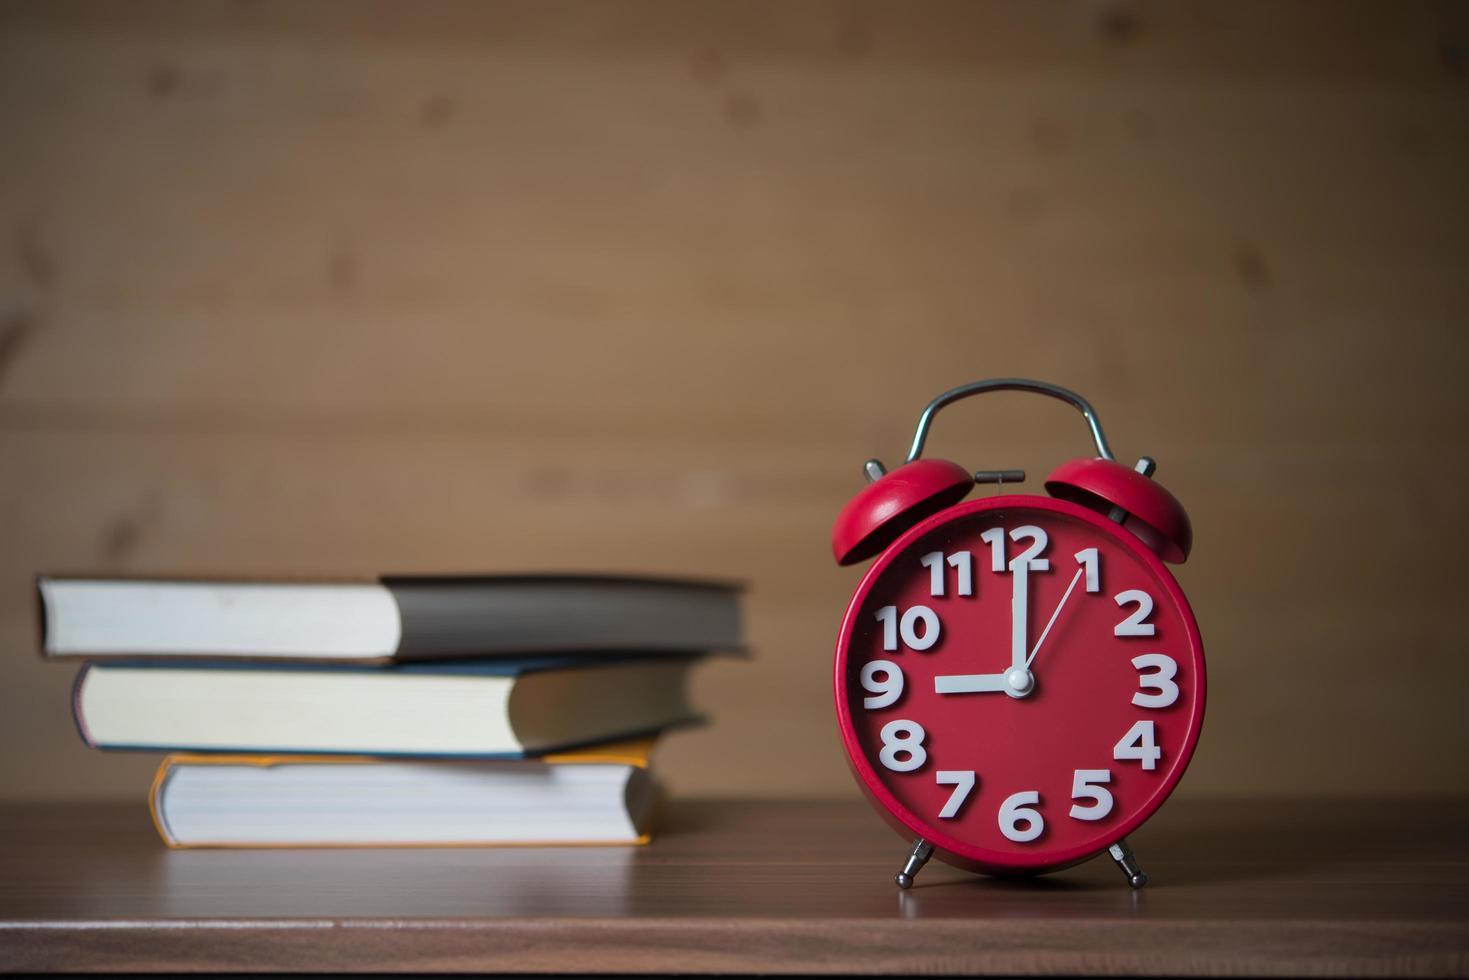 väckarklocka klockan 9 och en bunt böcker med kaffe foto